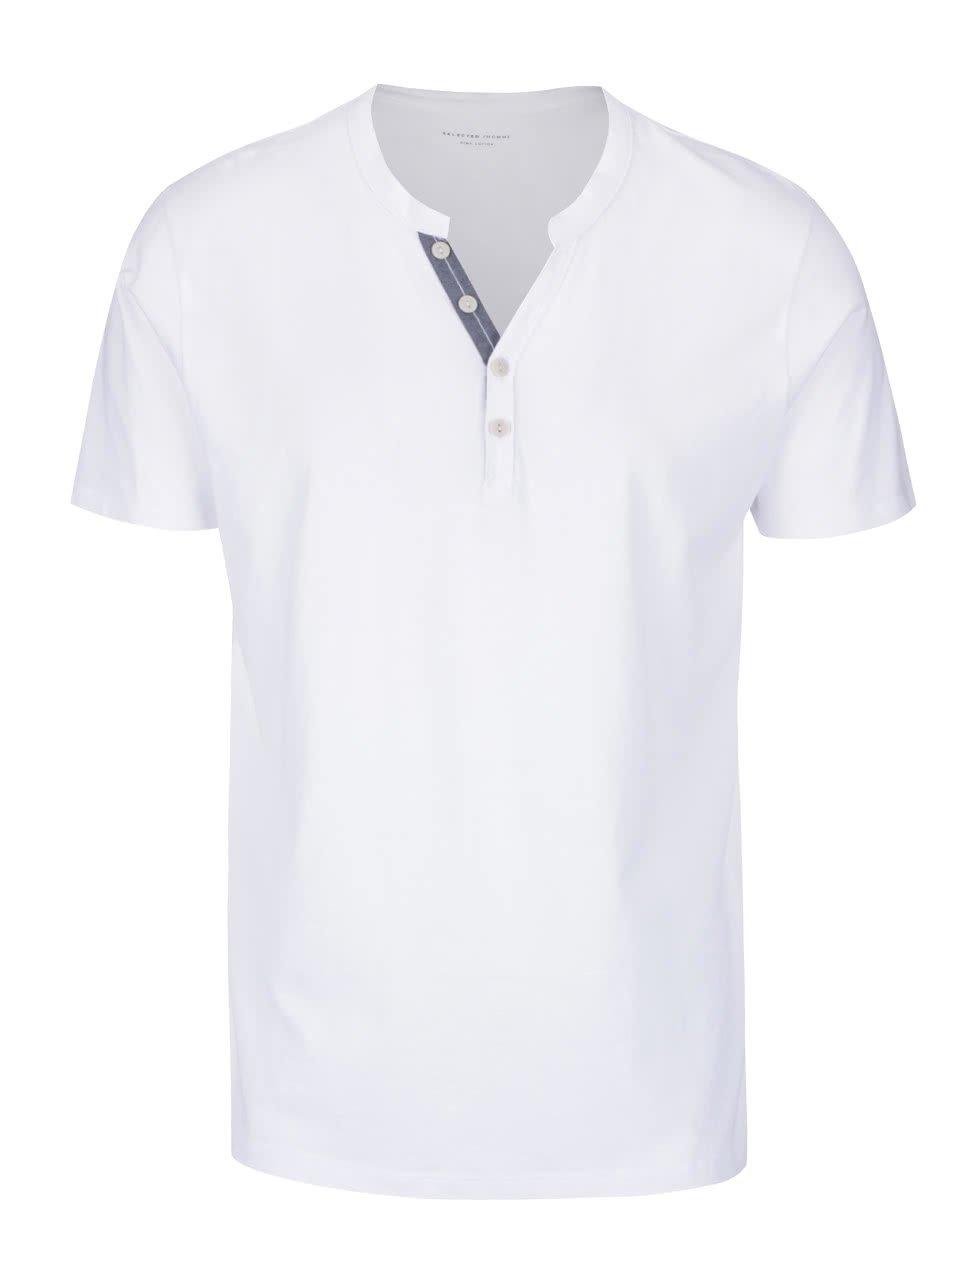 Bílé triko s knoflíky Selected Homme Pima